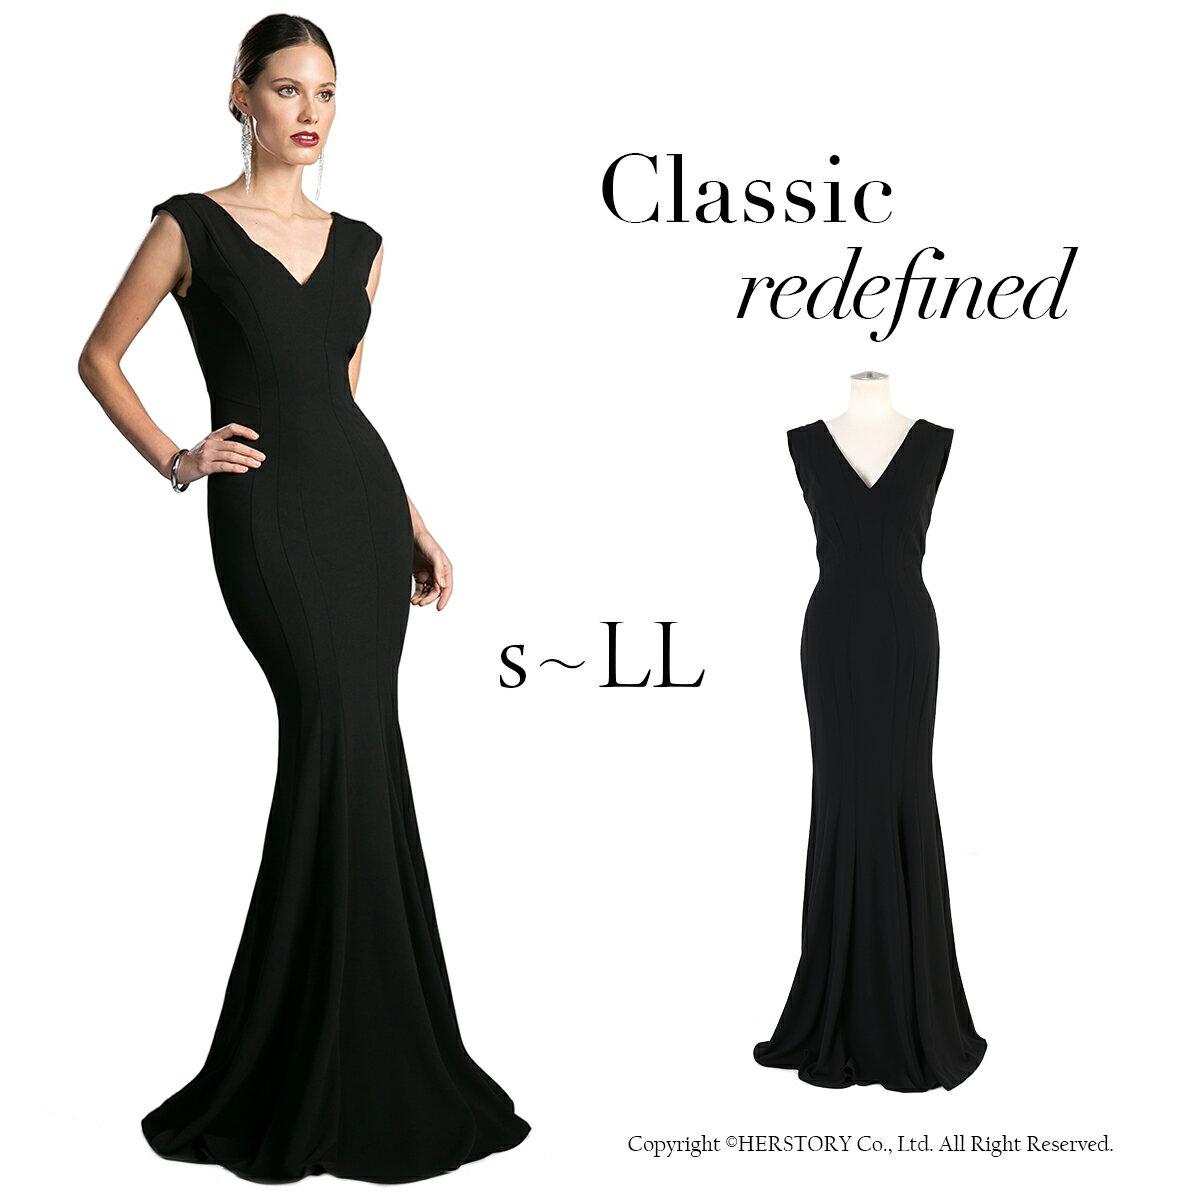 【10/23再入荷】美を極めたマーメイドブラックドレス <演奏会・発表会ステージドレス> FD-230035